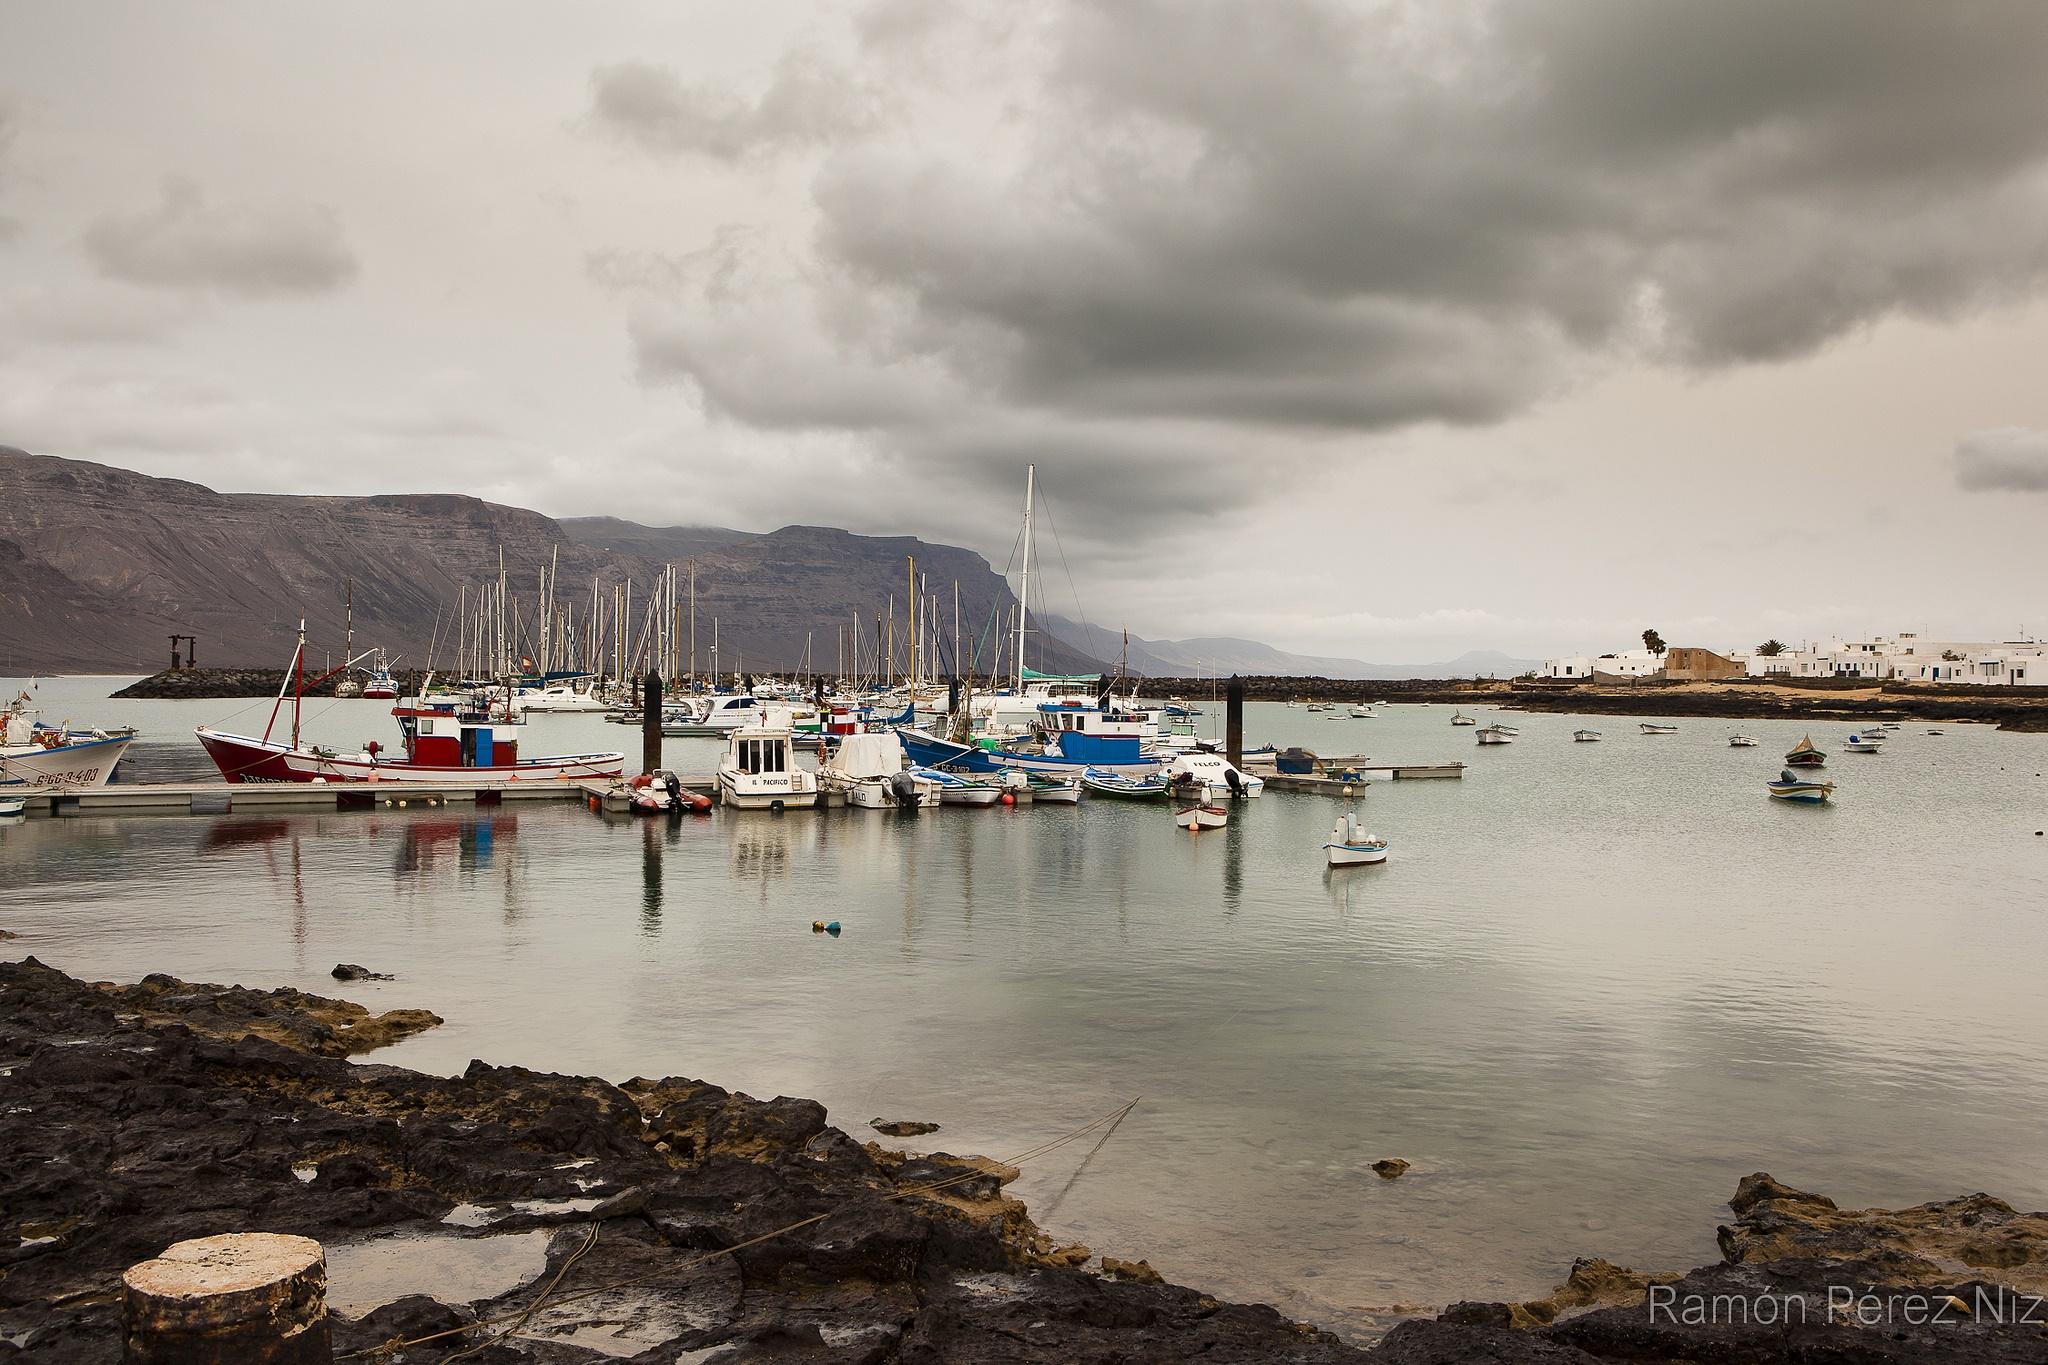 Caleta del Sebo, Puerto, fotografía de Ramón Pérez Niz